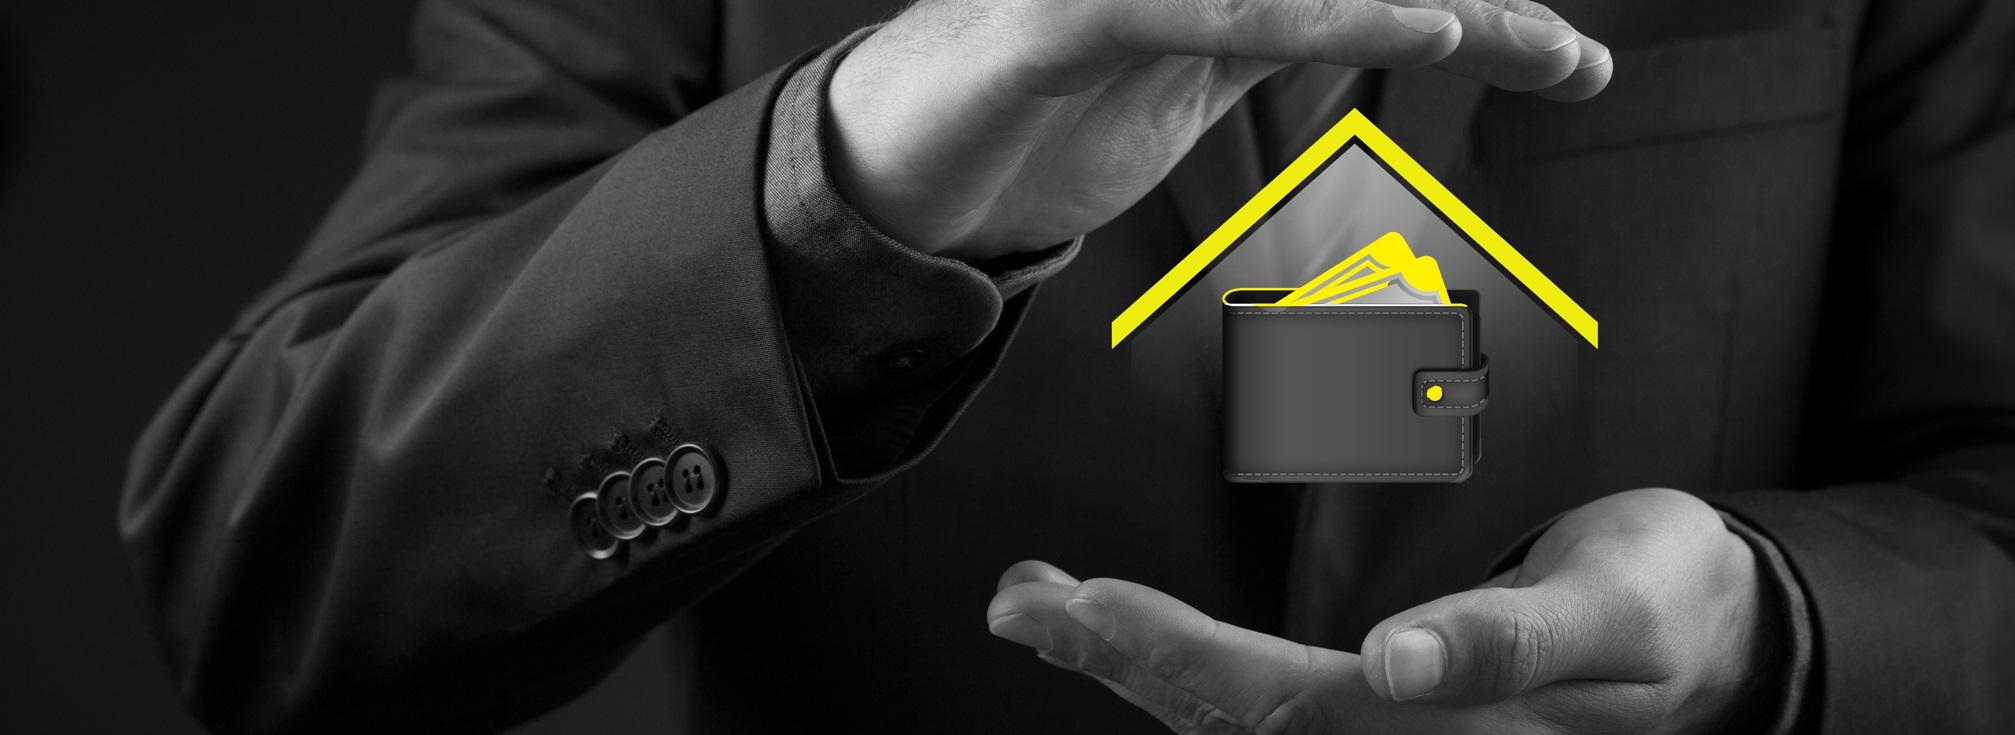 Деньги под защитой банка: как изменились правила покупки жилья